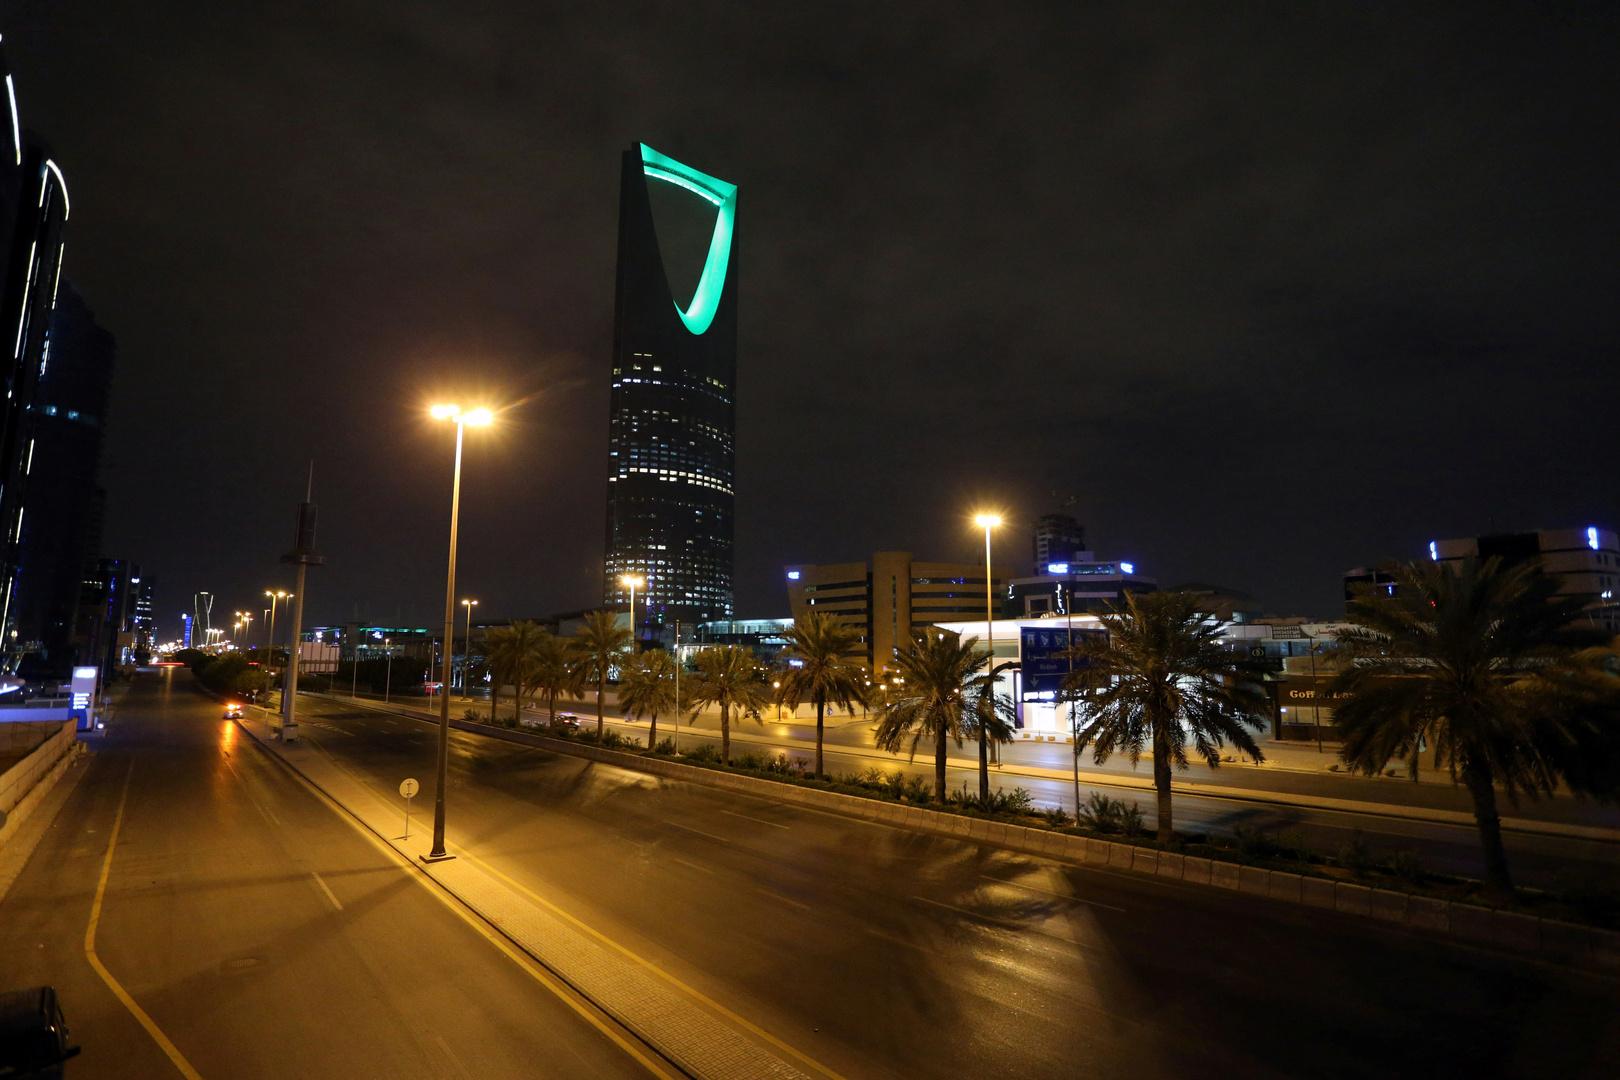 السعودية.. إحباط محاولة تهريب مخدرات داخل أحشاء مسافر قادم إلى المملكة (صور)